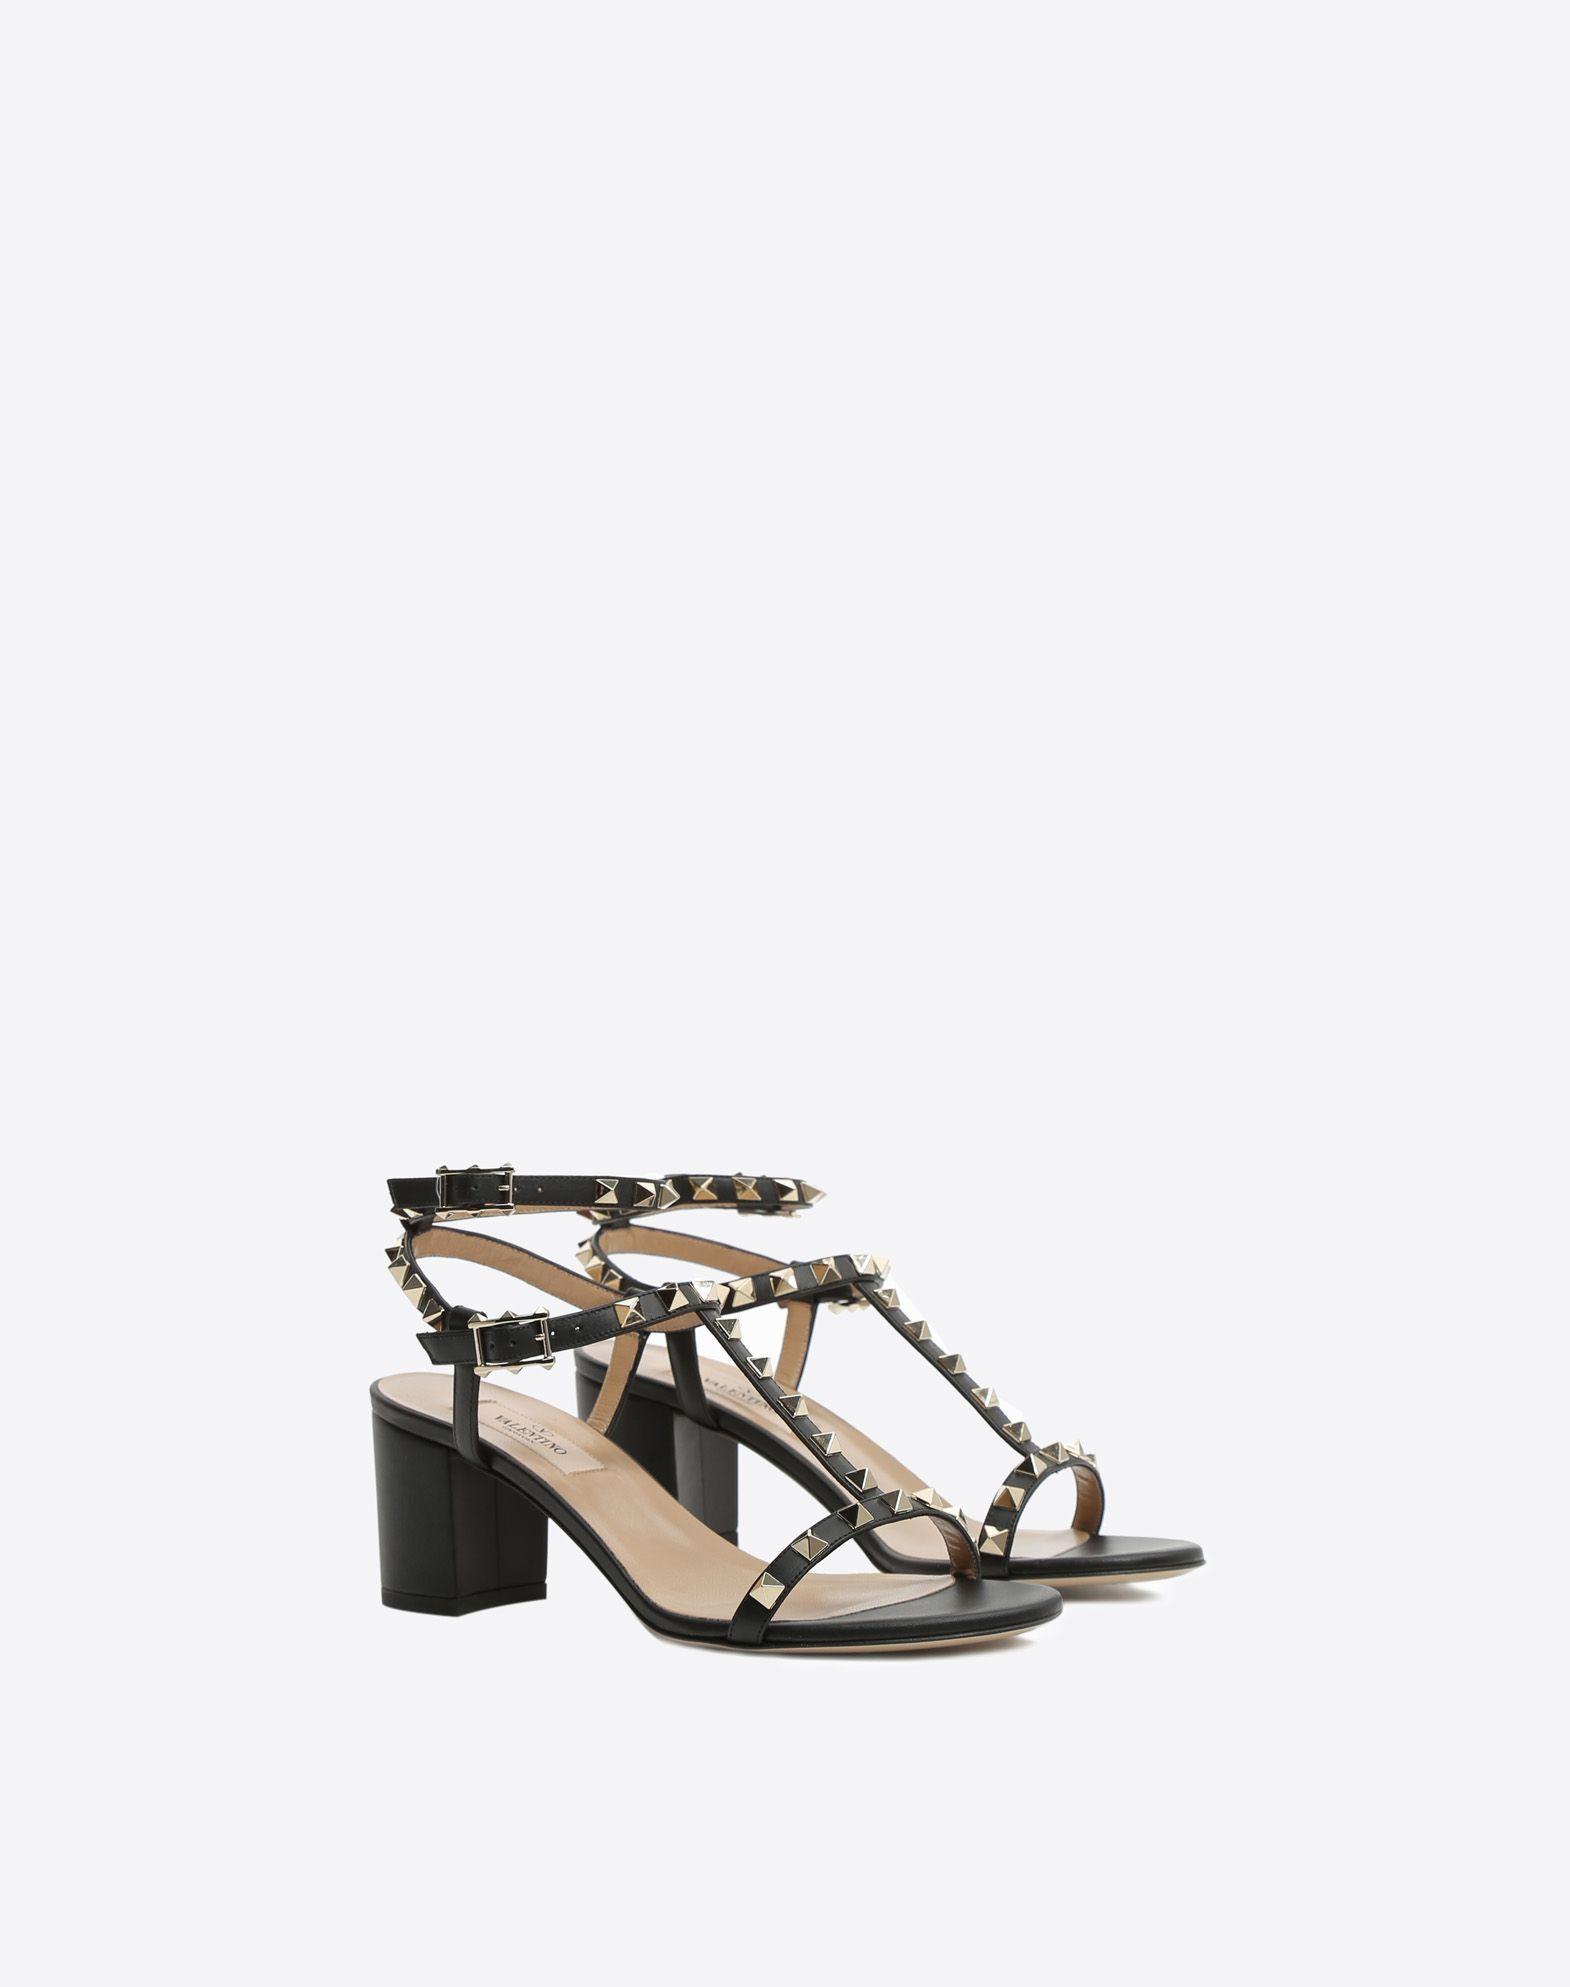 97d78e2643d4 Rockstud ankle strap 60mm Sandal for Woman